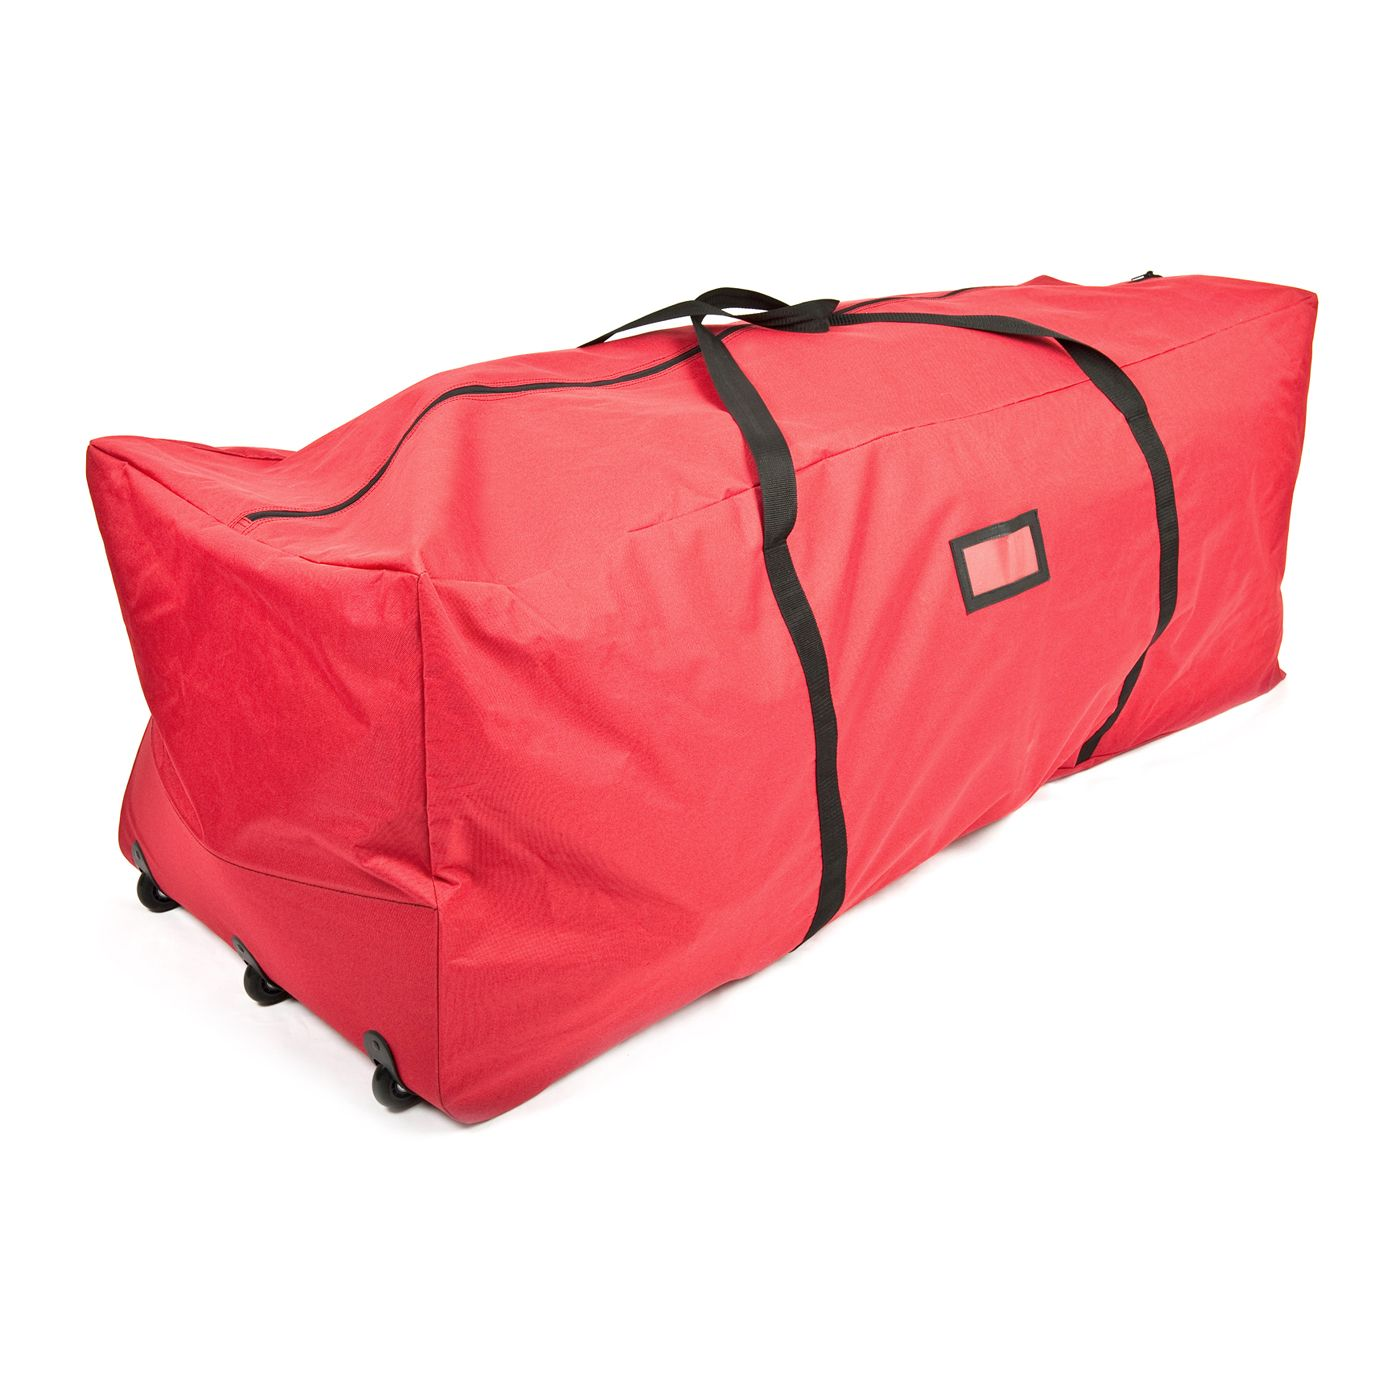 8306a561d873 TreeKeeper SB-10114 Santa s Bags 6 - 9 Foot Large Wheeled Tree Storage Bag  at ATG Stores